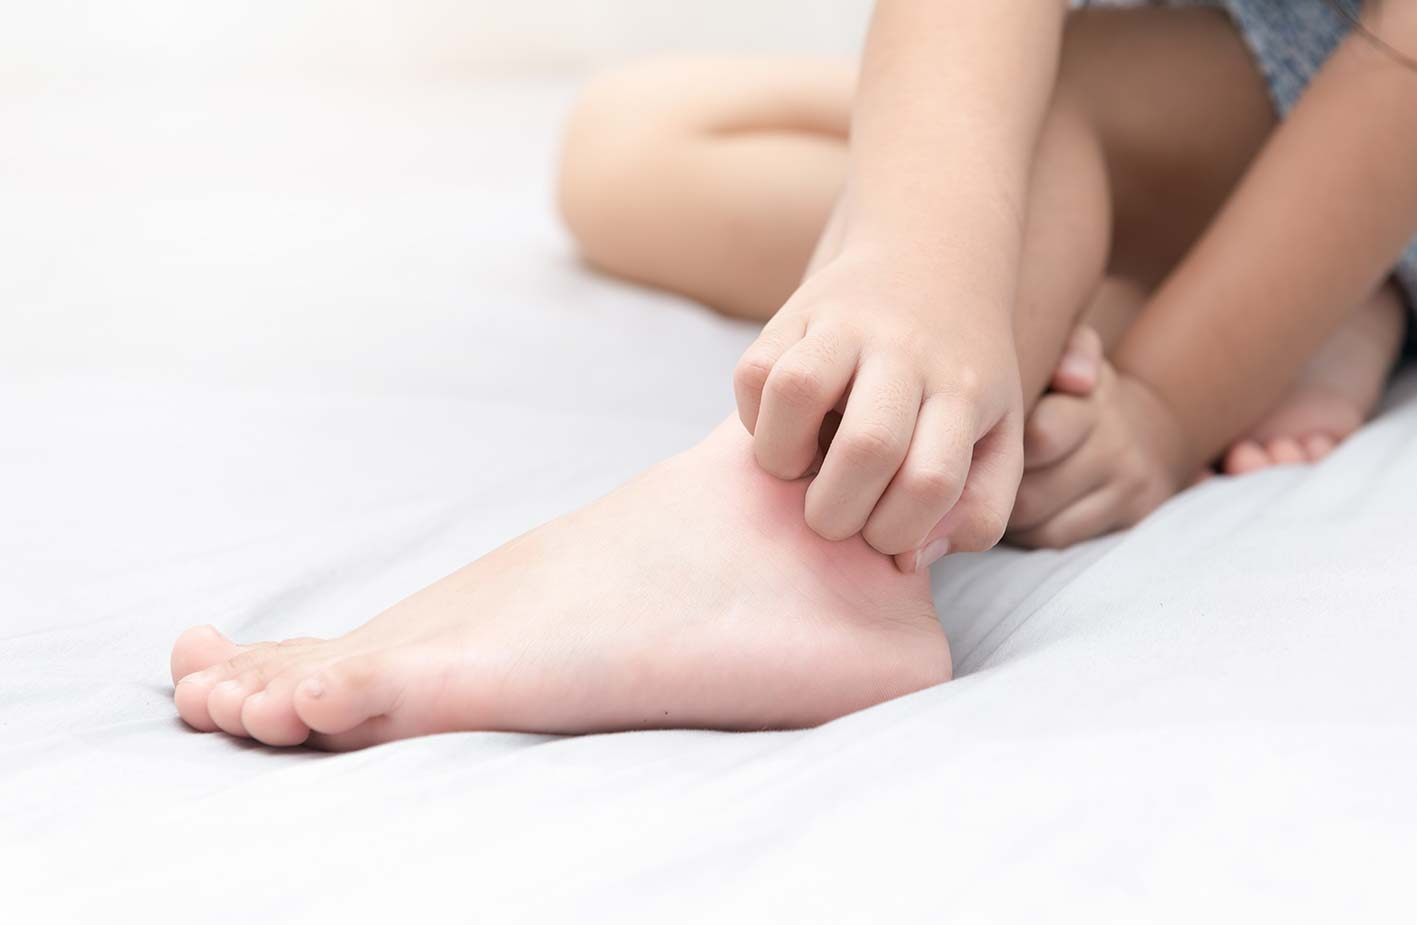 Prurito a letto l importanza della biancheria anallergica auraderma - Prurito diffuso a letto ...